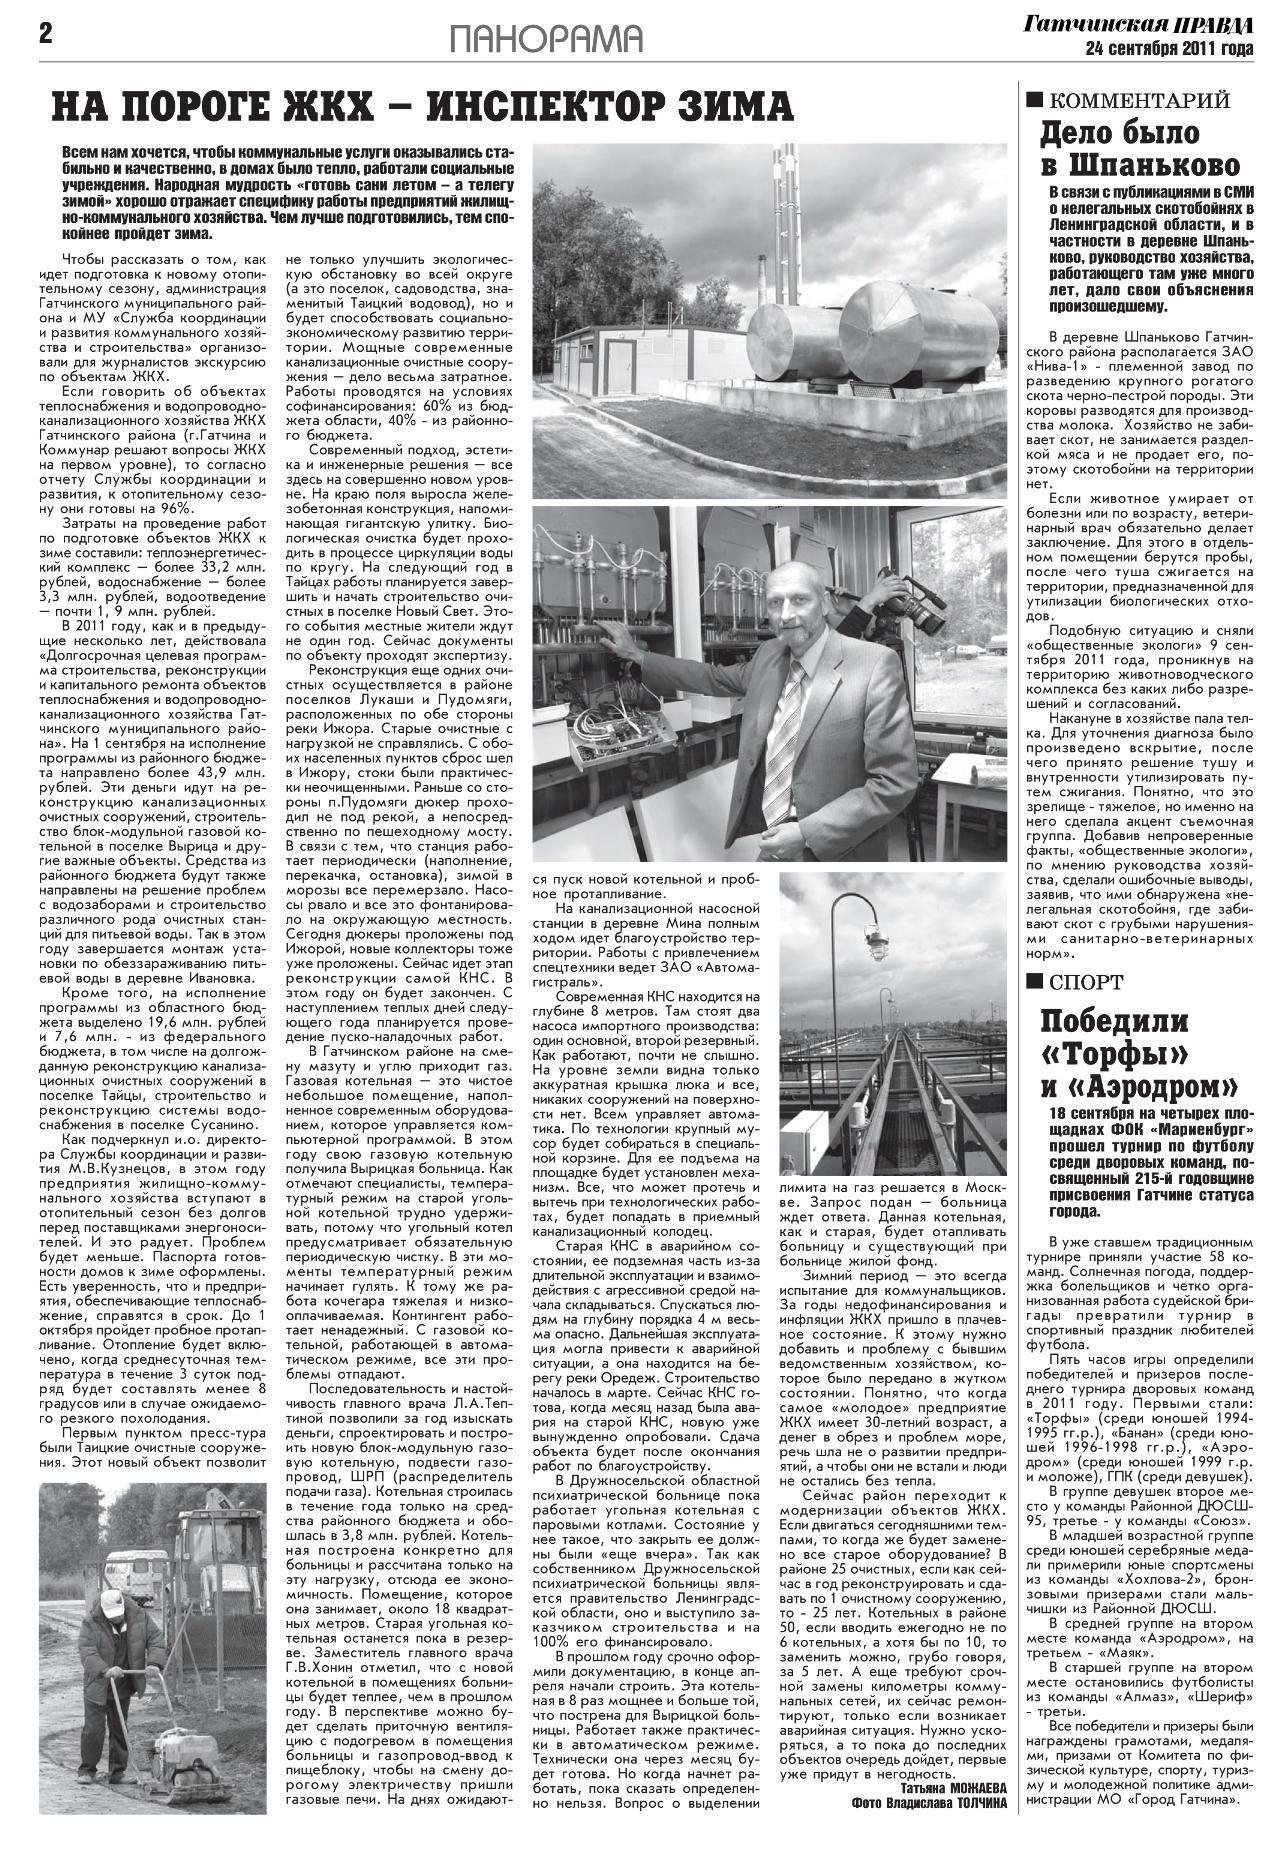 Гатчинская правда №110 от 24 сентября 2011 года